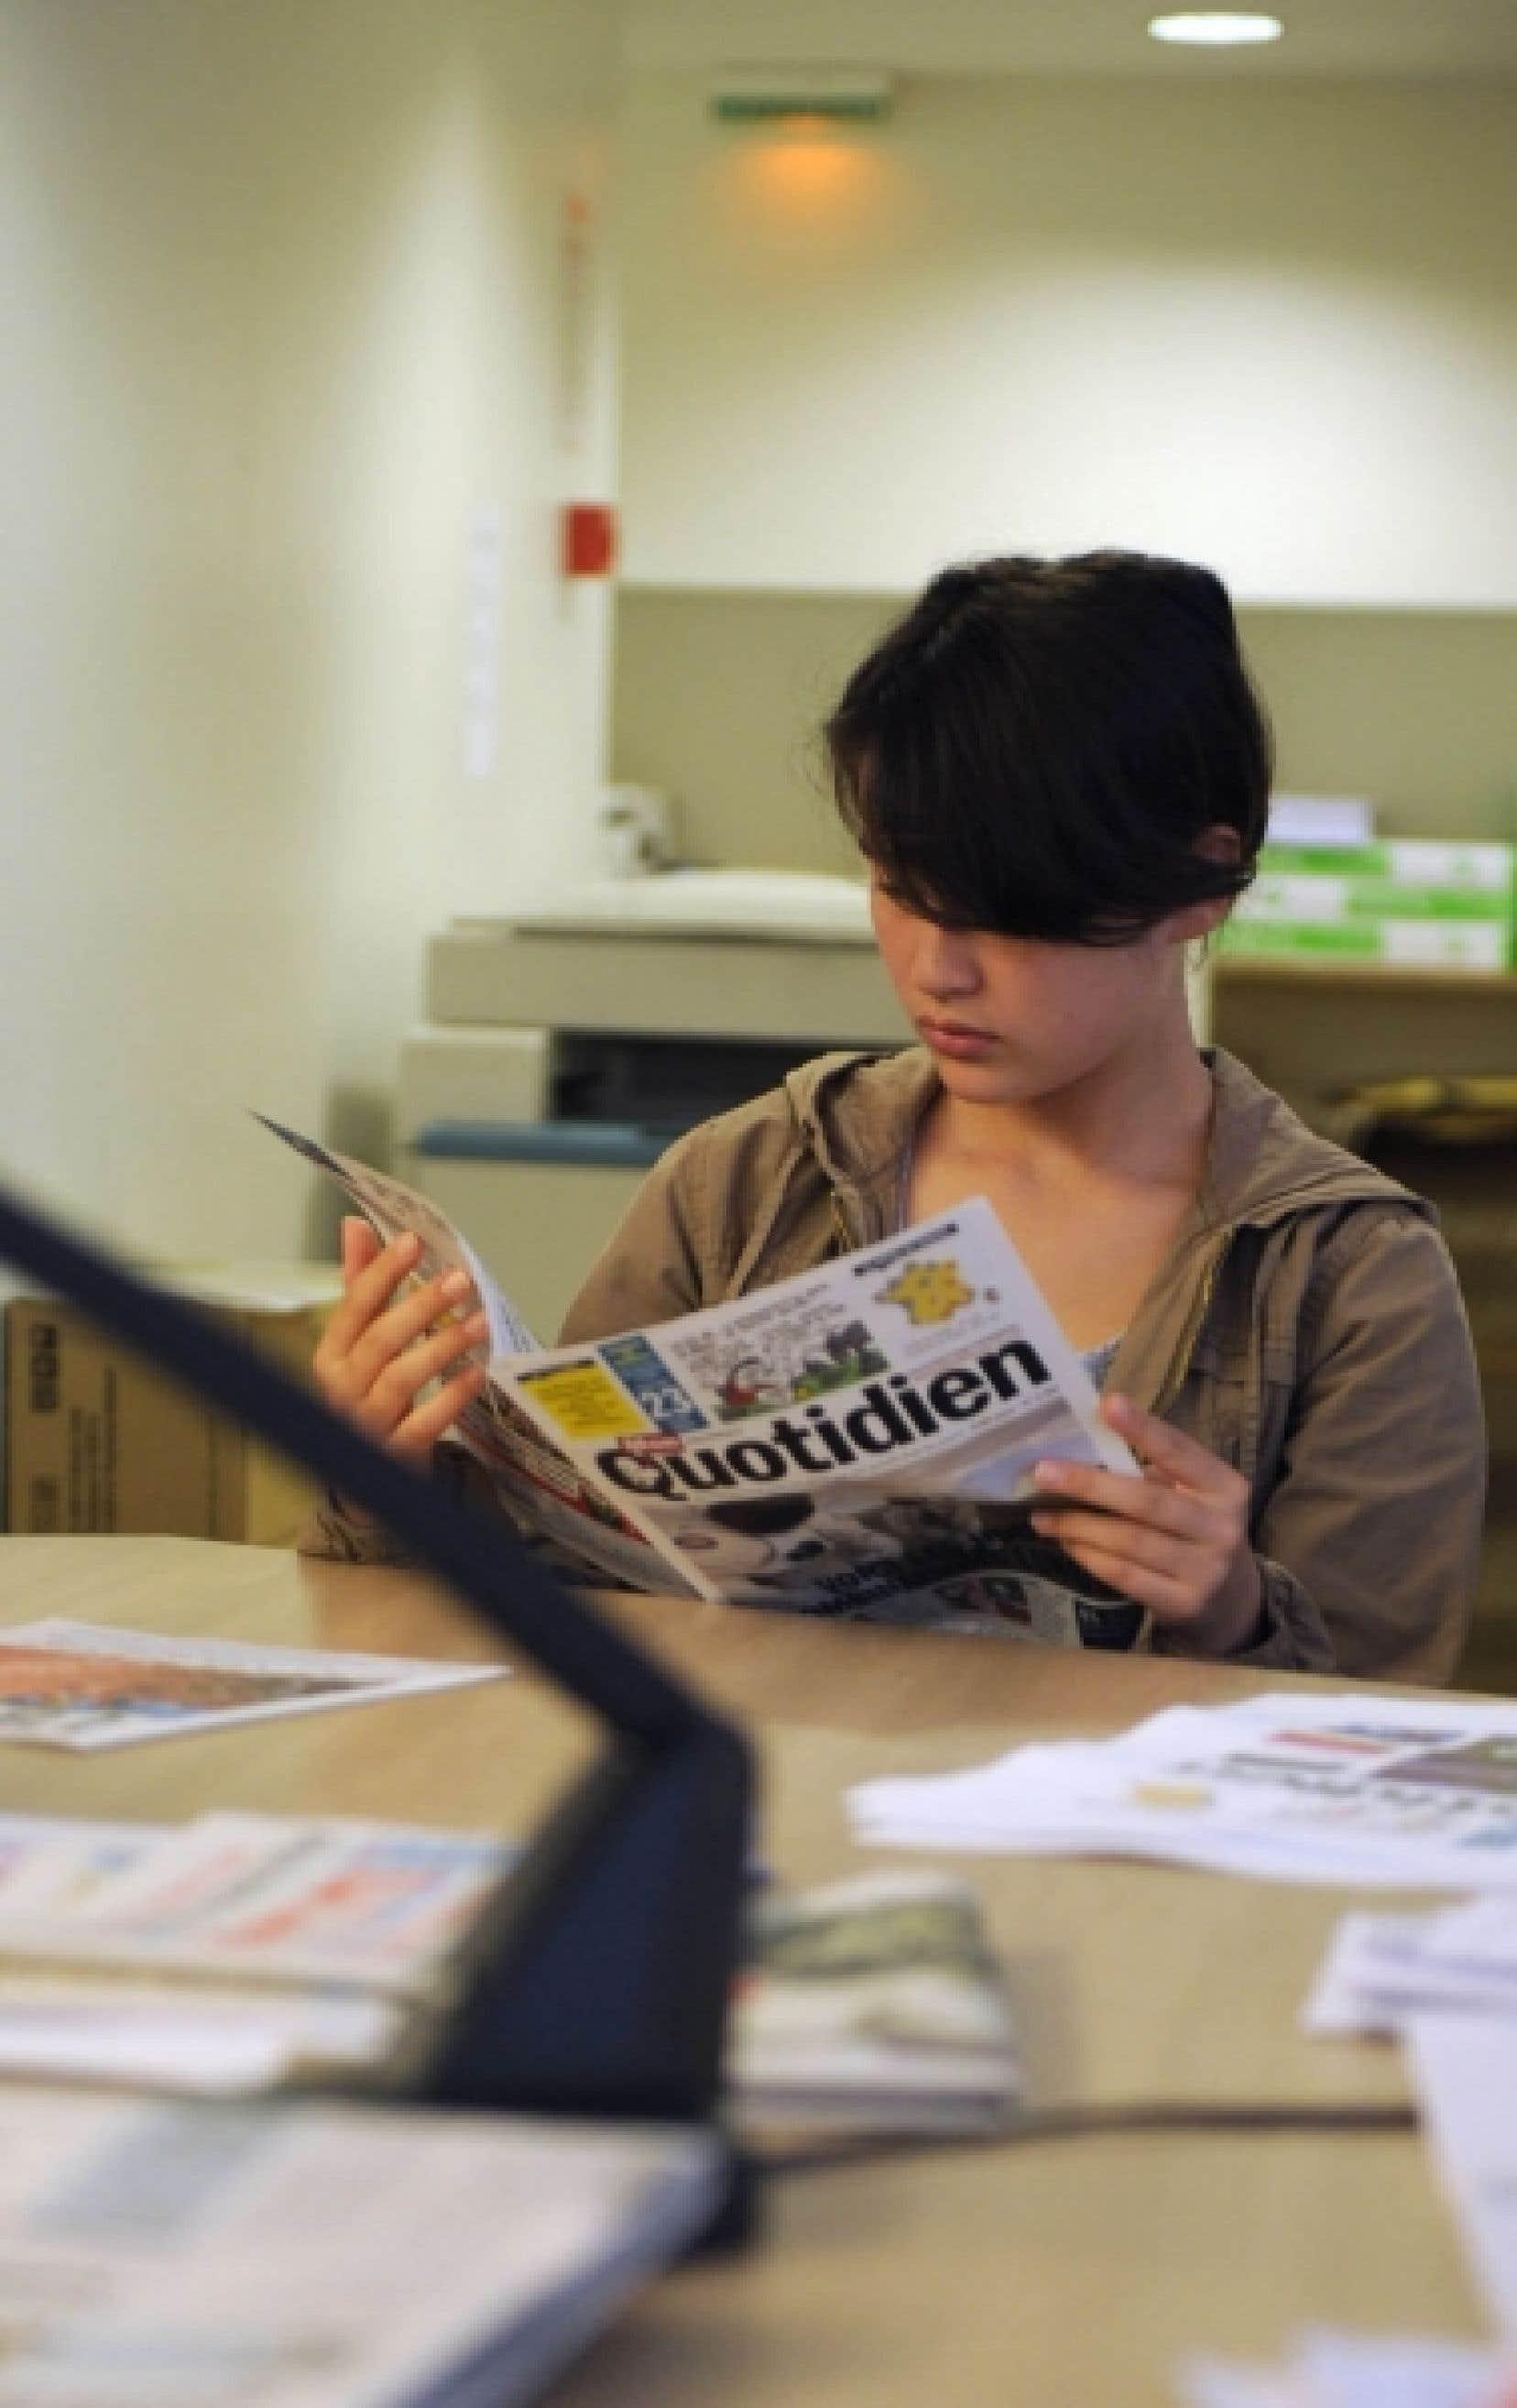 En France, tous les moyens sont bons pour intéresser les jeunes à la lecture des journaux.